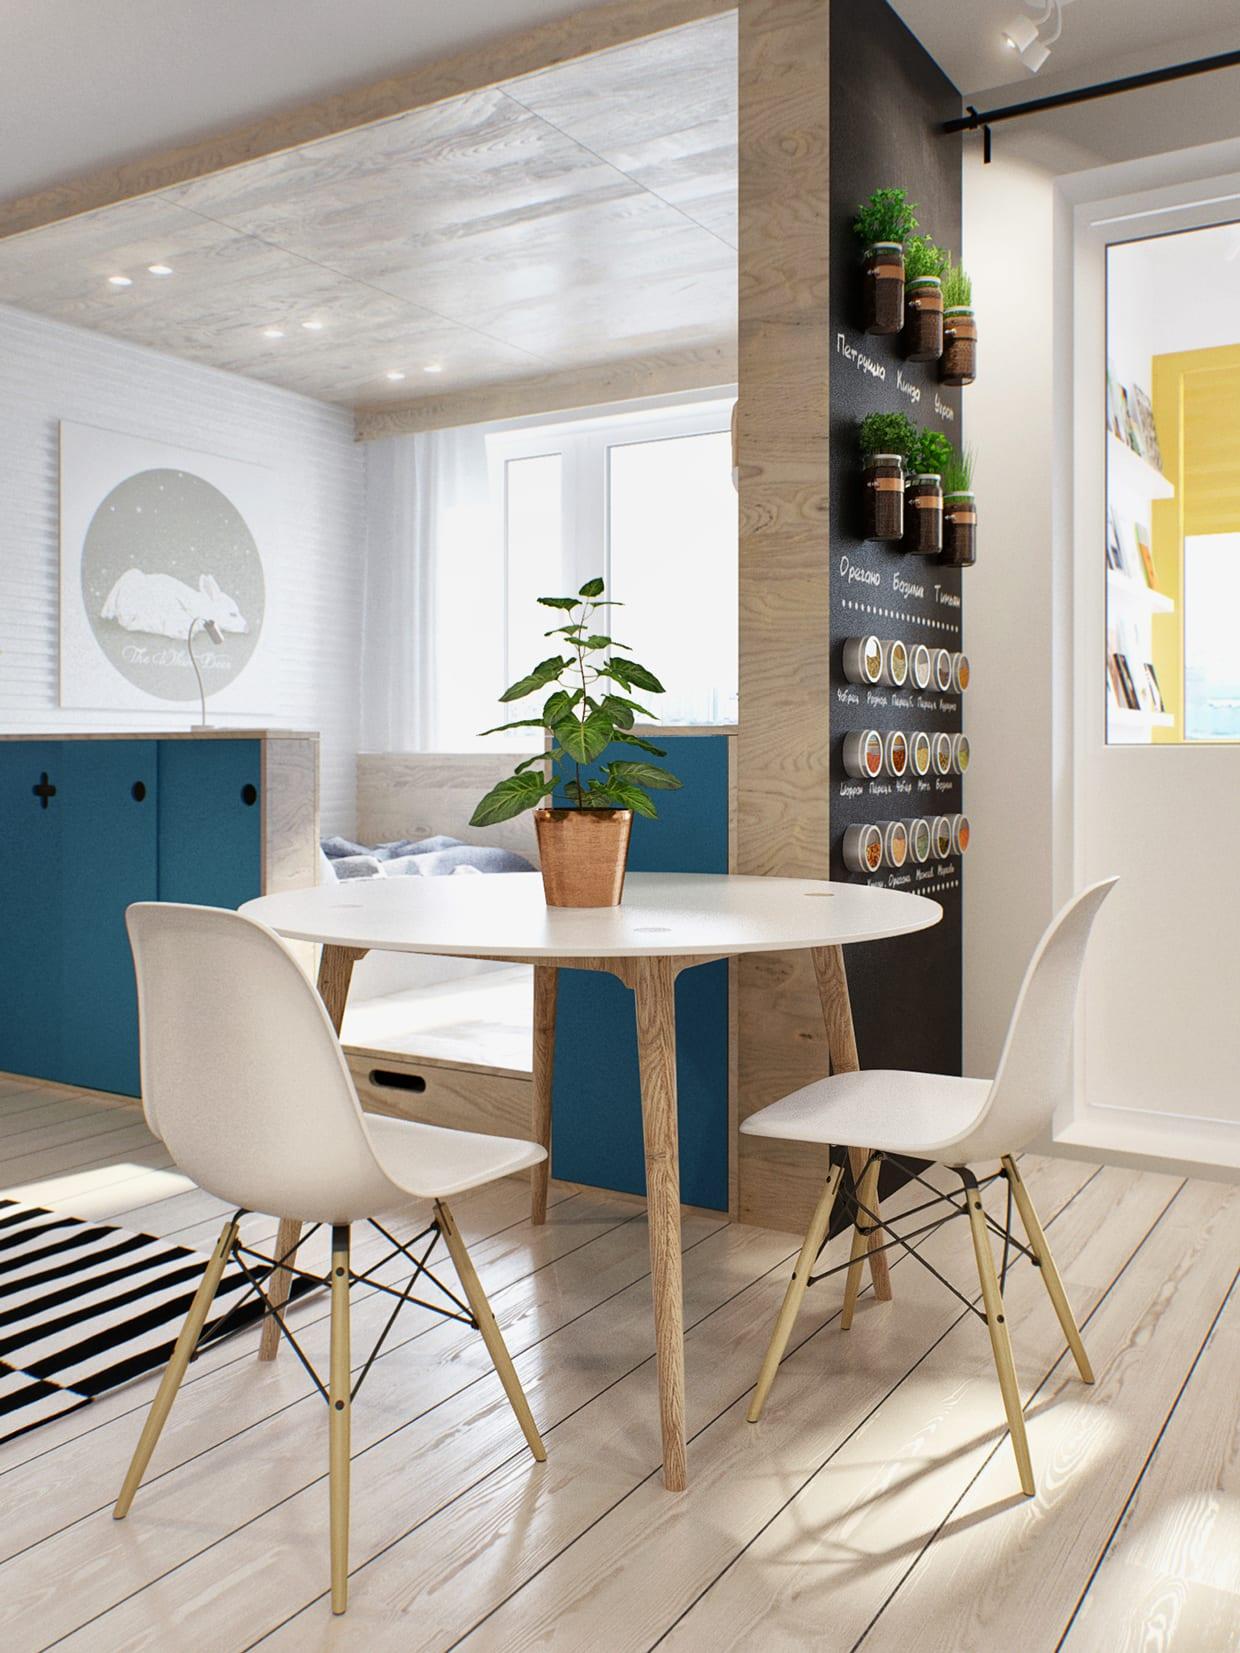 einraumwohnung mit akzentwand schwarz, weißem esstisch rund und weißen esszimmerstühlen